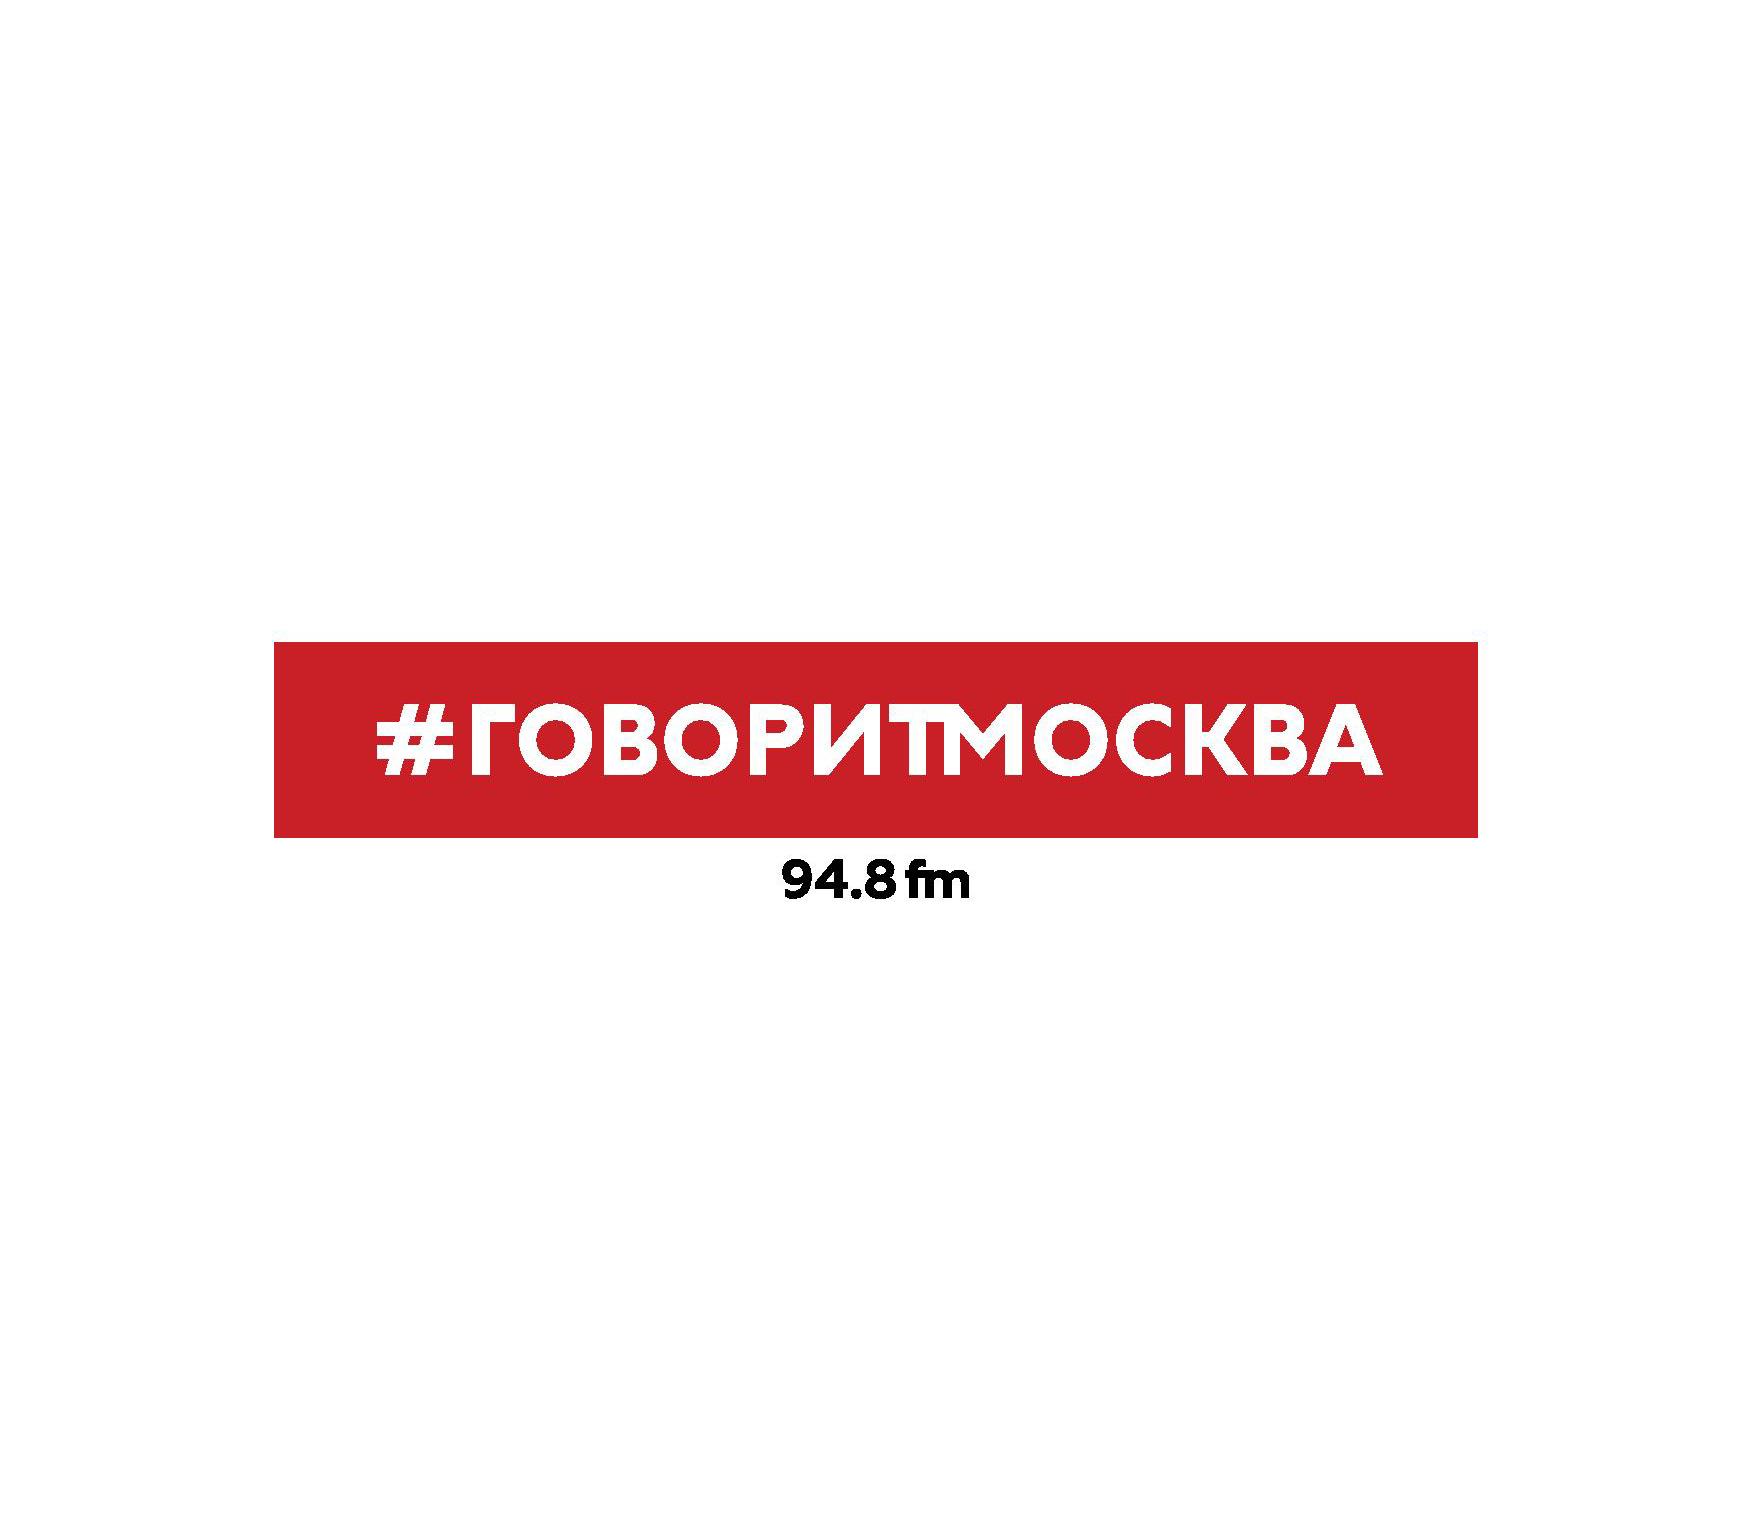 Макс Челноков 4 мая. Валерий Меладзе макс челноков 5 мая марат гельман